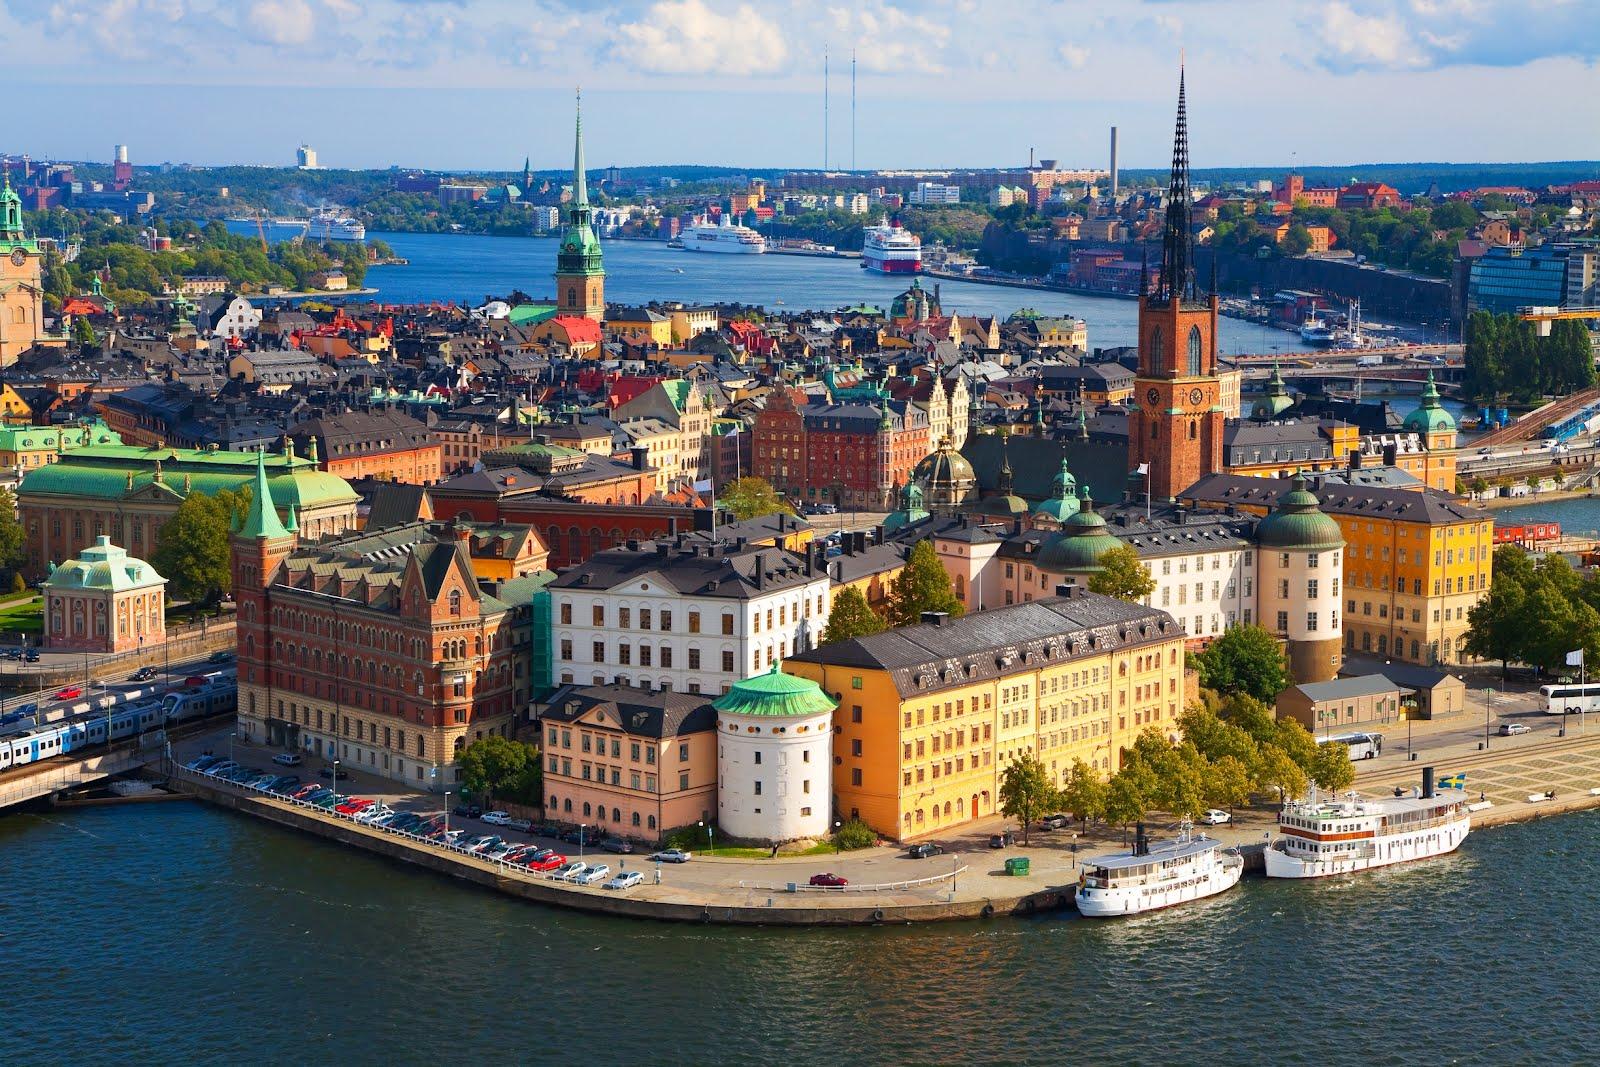 Una preciosa imagen de Estocolmo